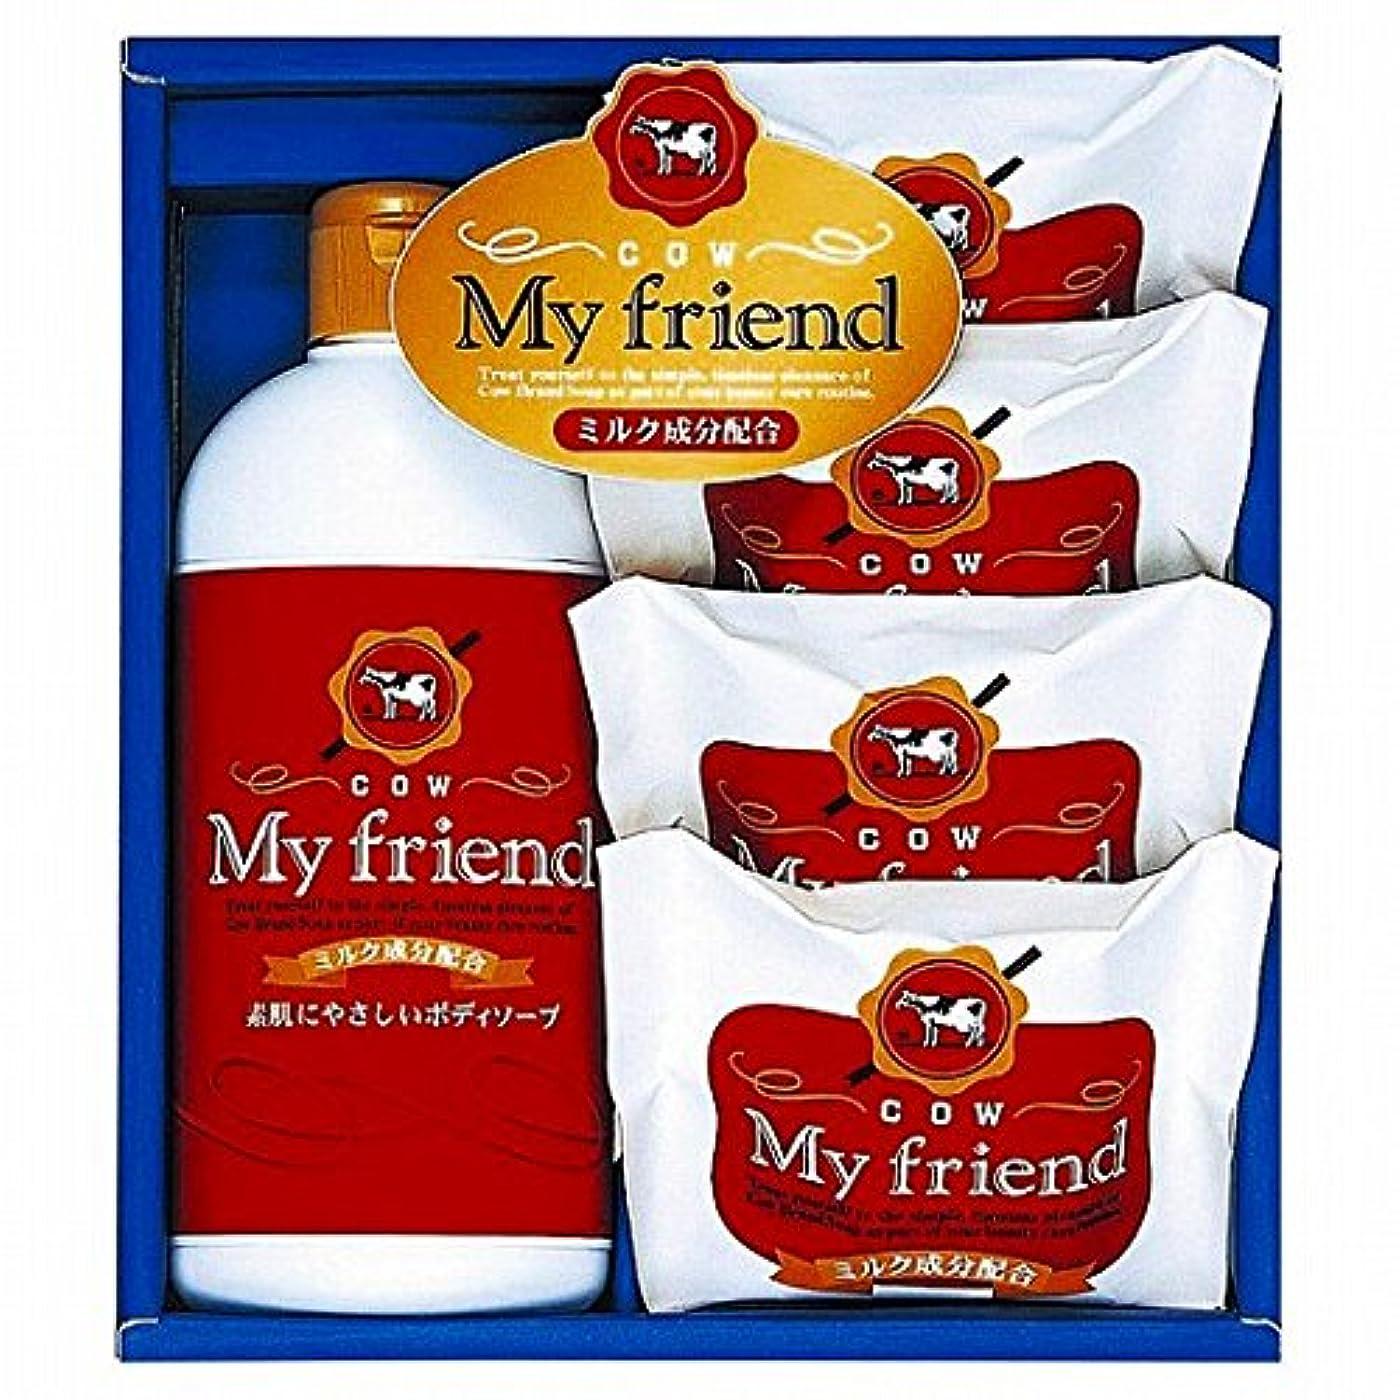 いう固める可能にするnobrand 牛乳石鹸 マイフレンドボディソープセット (21940007)